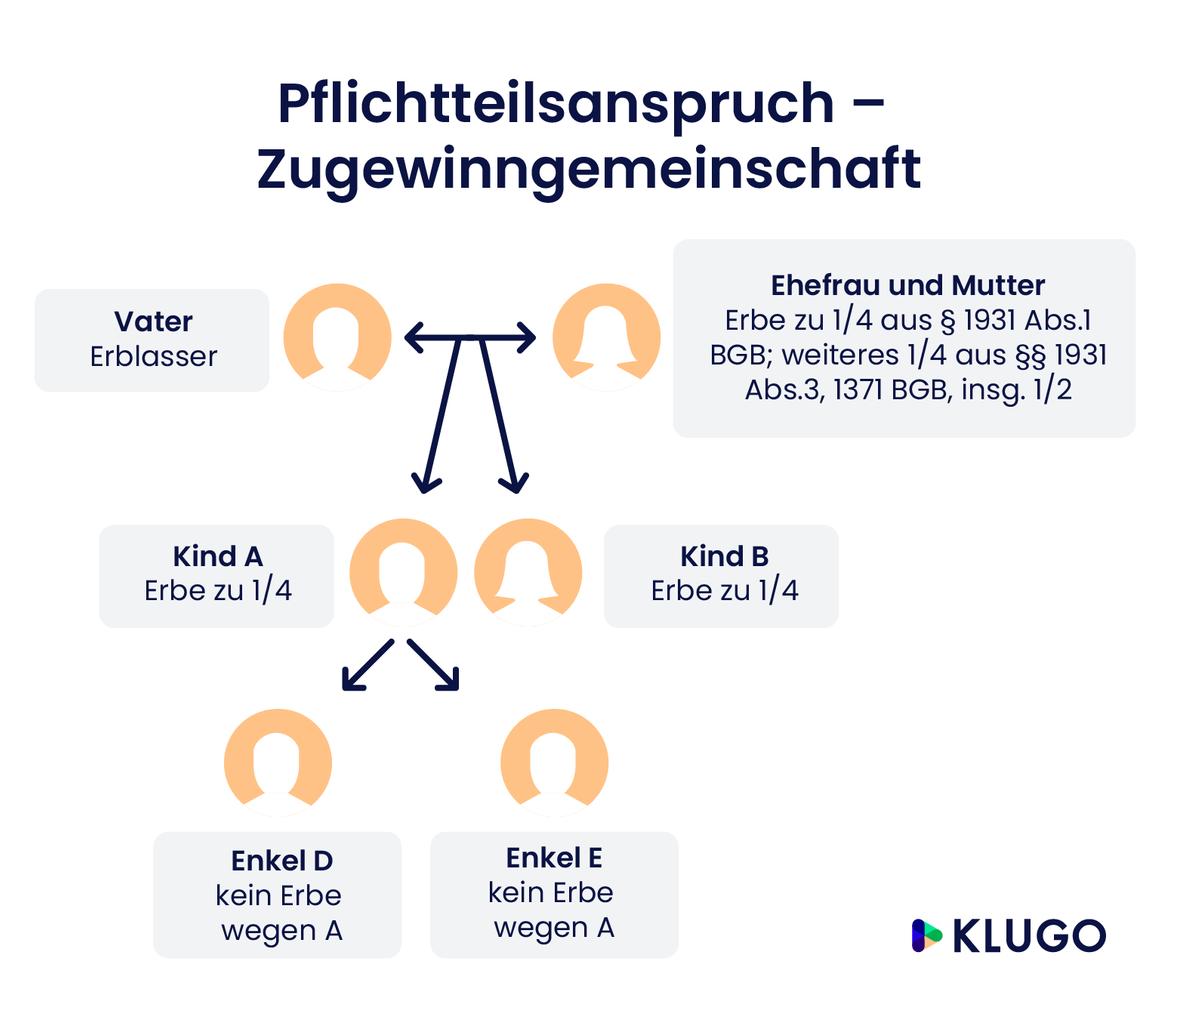 Pflichtteilsanspruch Zugewinngemeinschaft – Infografik